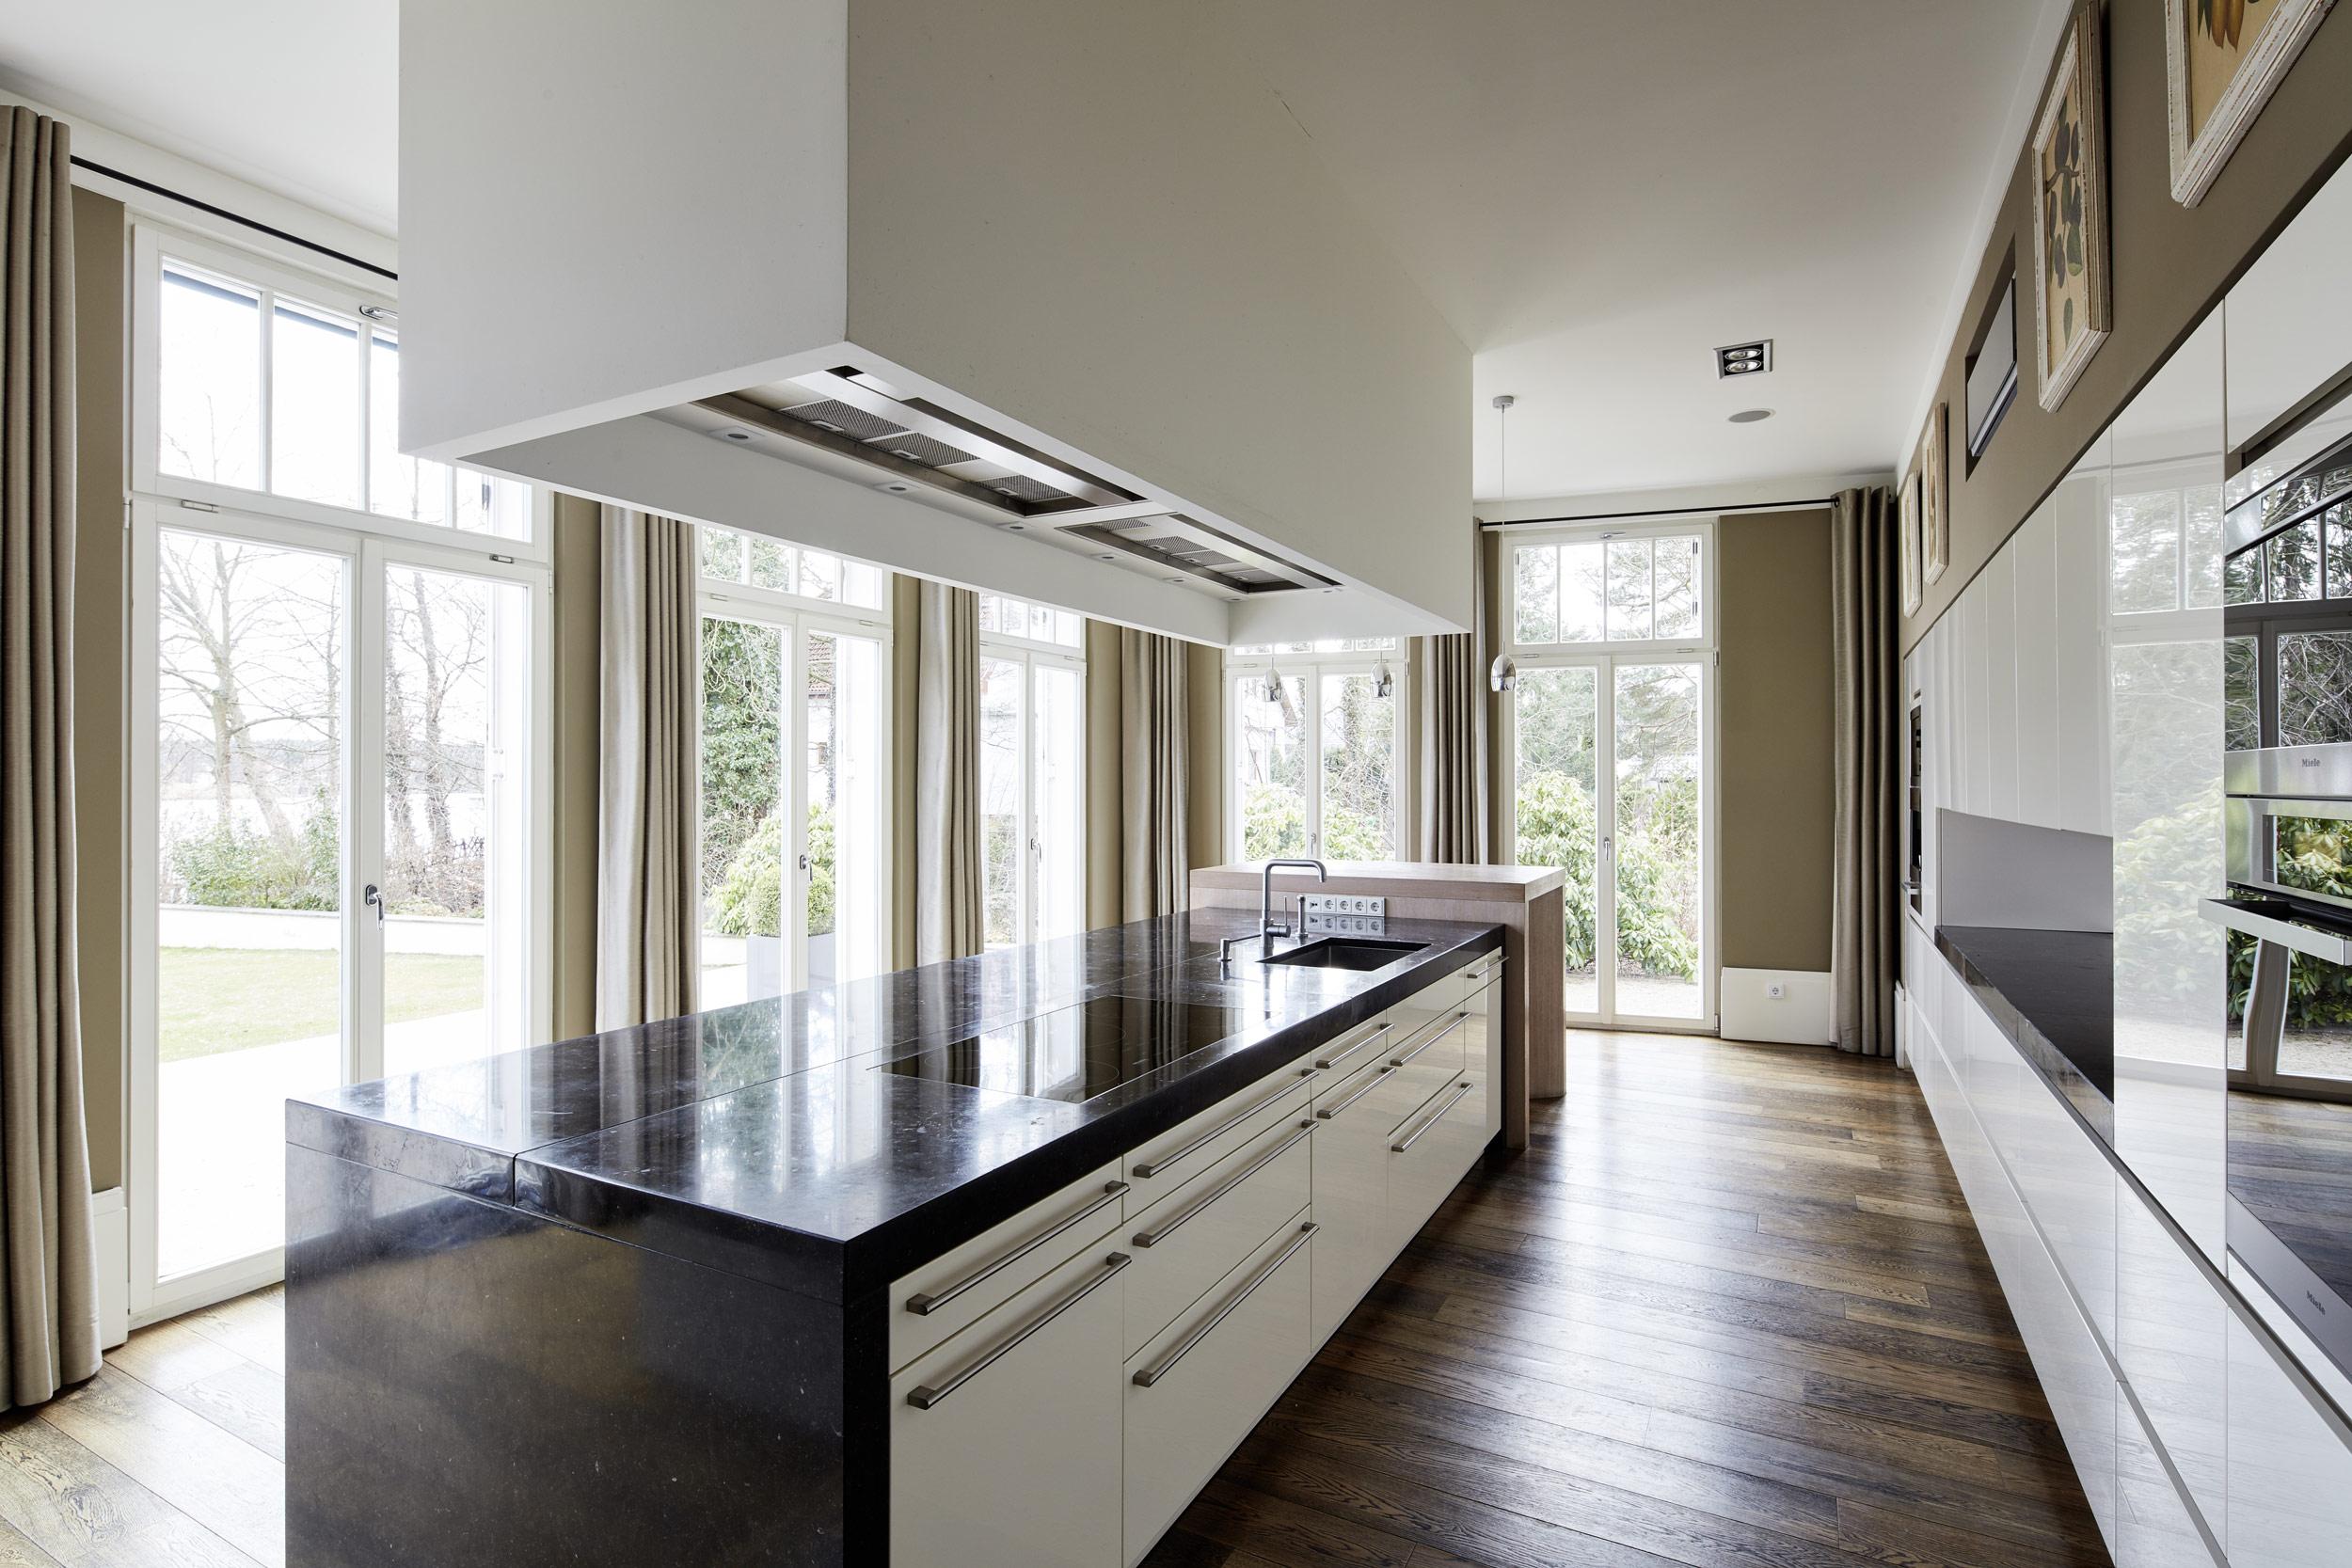 Neubau einer Villa in klassisch-traditioneller Architektursprache am See - Die Küche mit Kochblock aus Blaustein und Abzugshaube aus Sonderfertigung